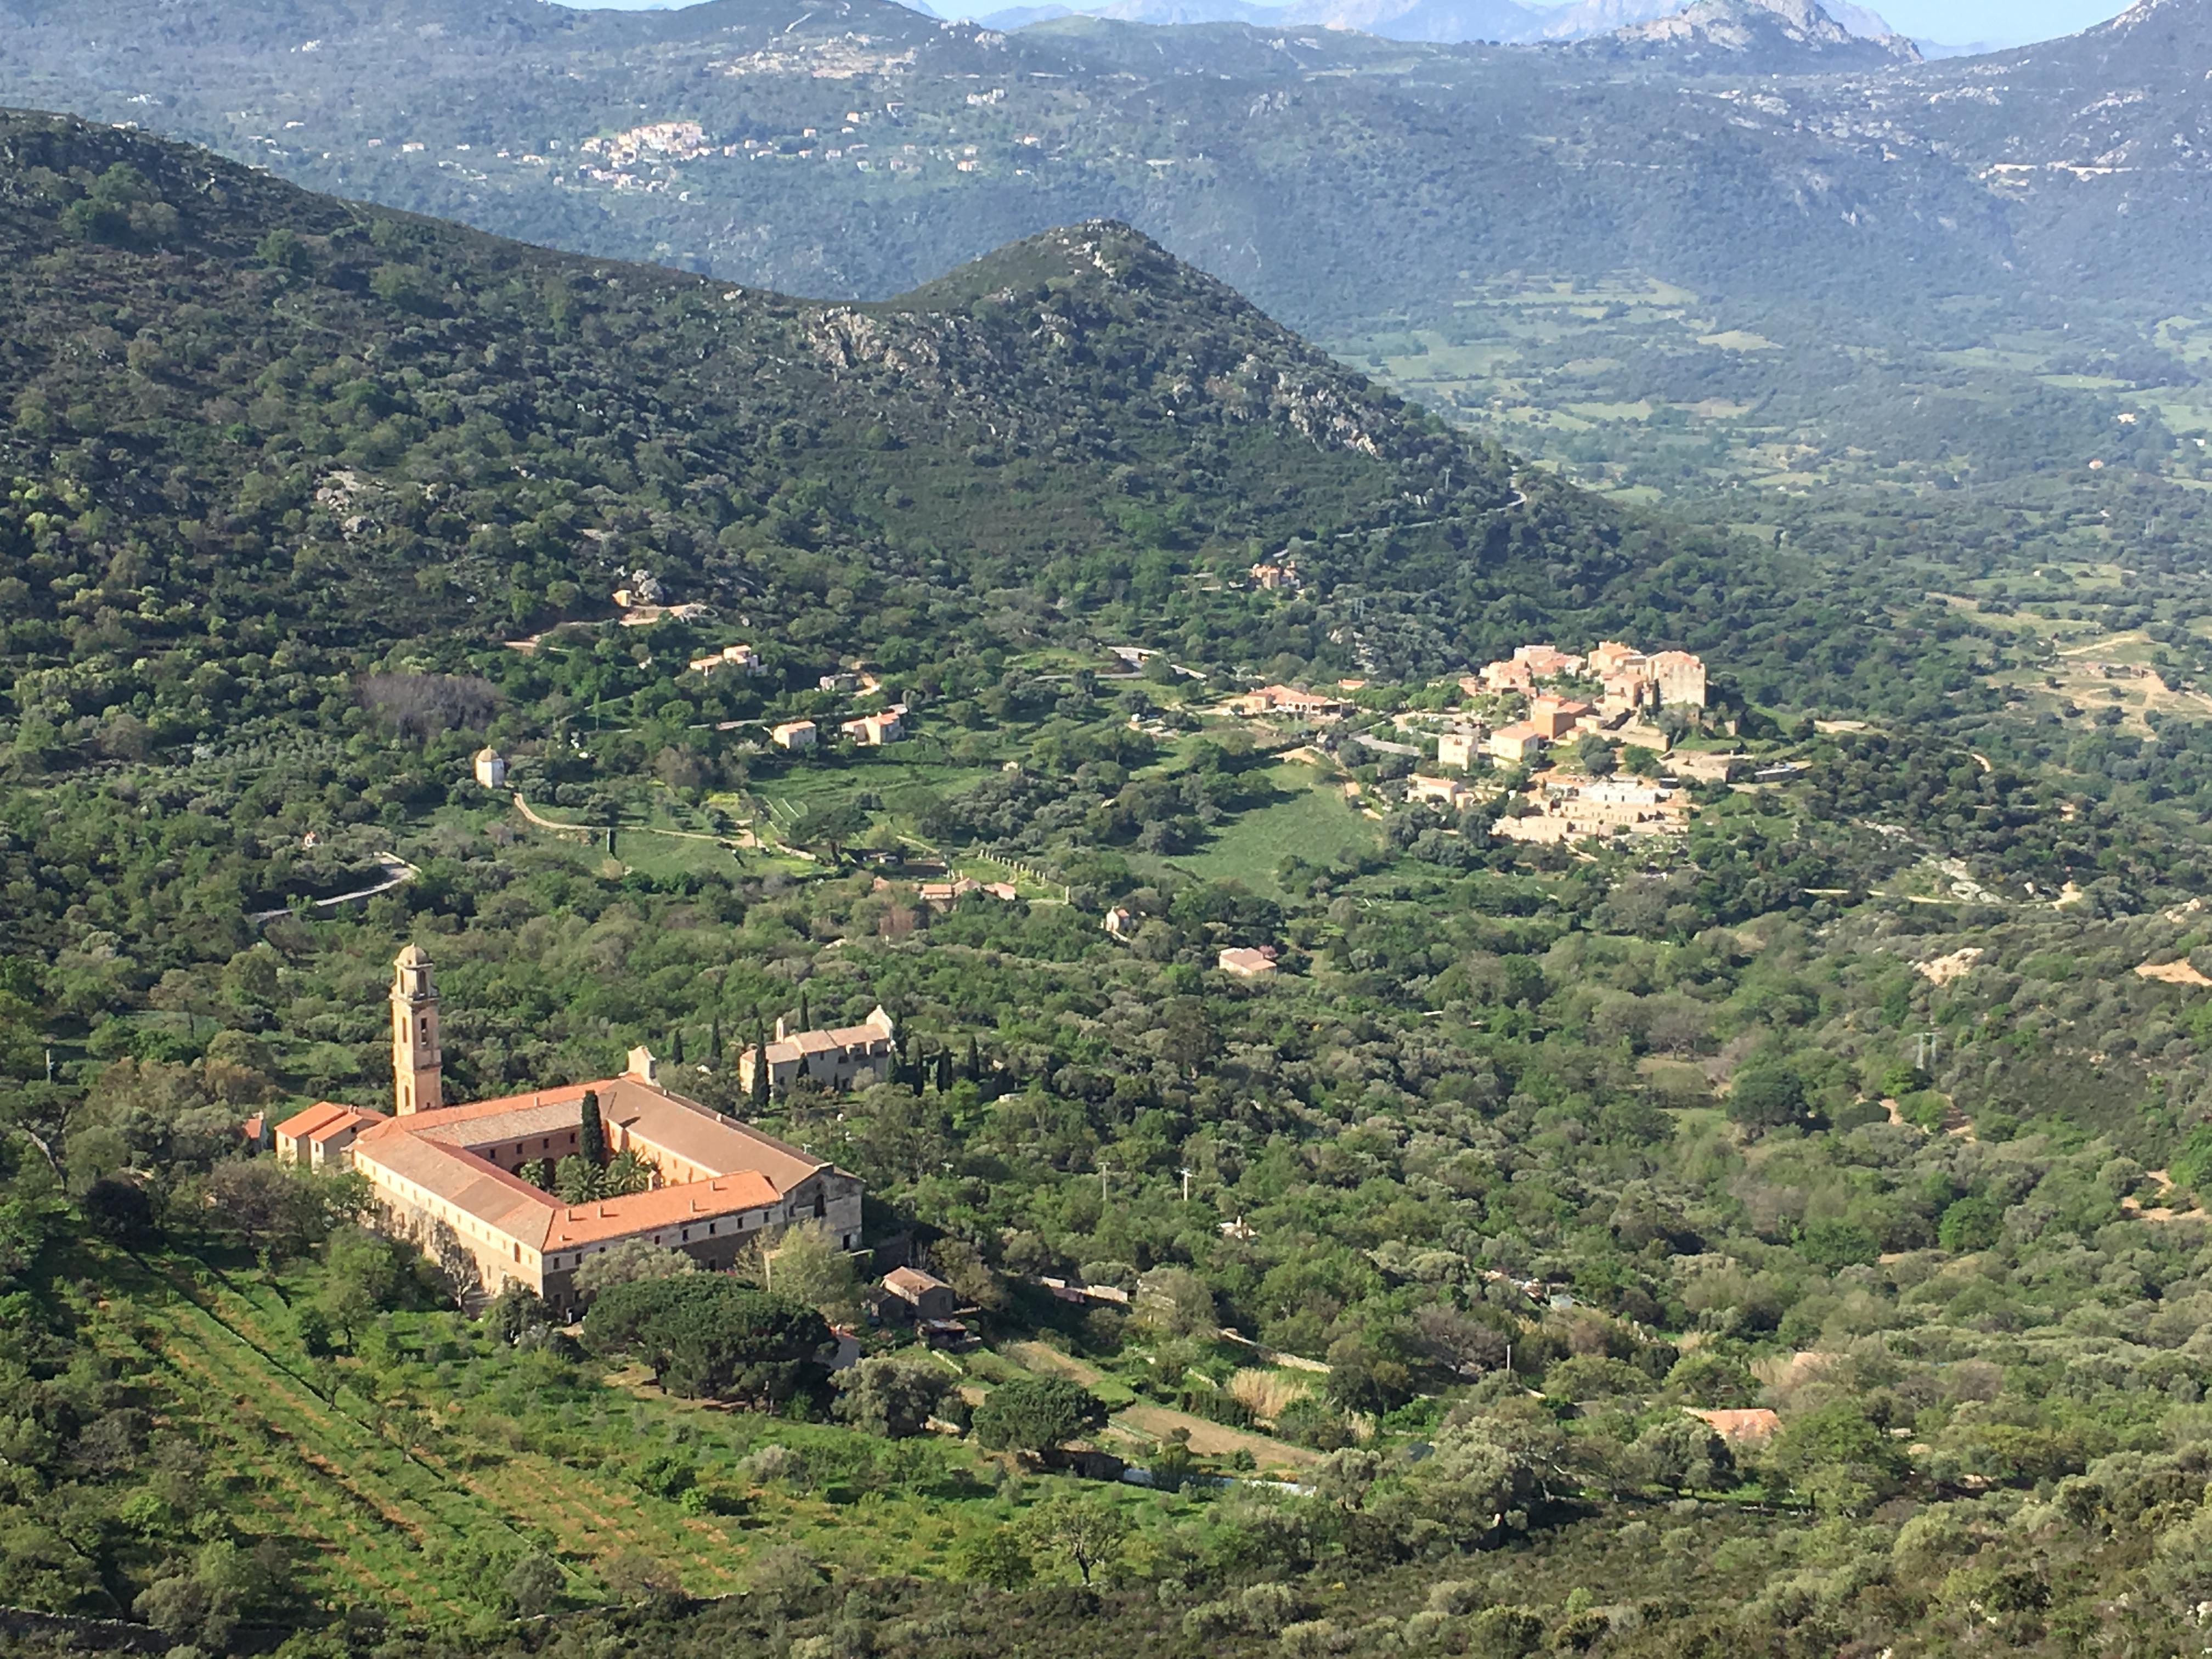 Couvent de Curbara : bail emphytéotique renouvelé pour 30 ans entre la mairie et le diocèse d'Aiacciu